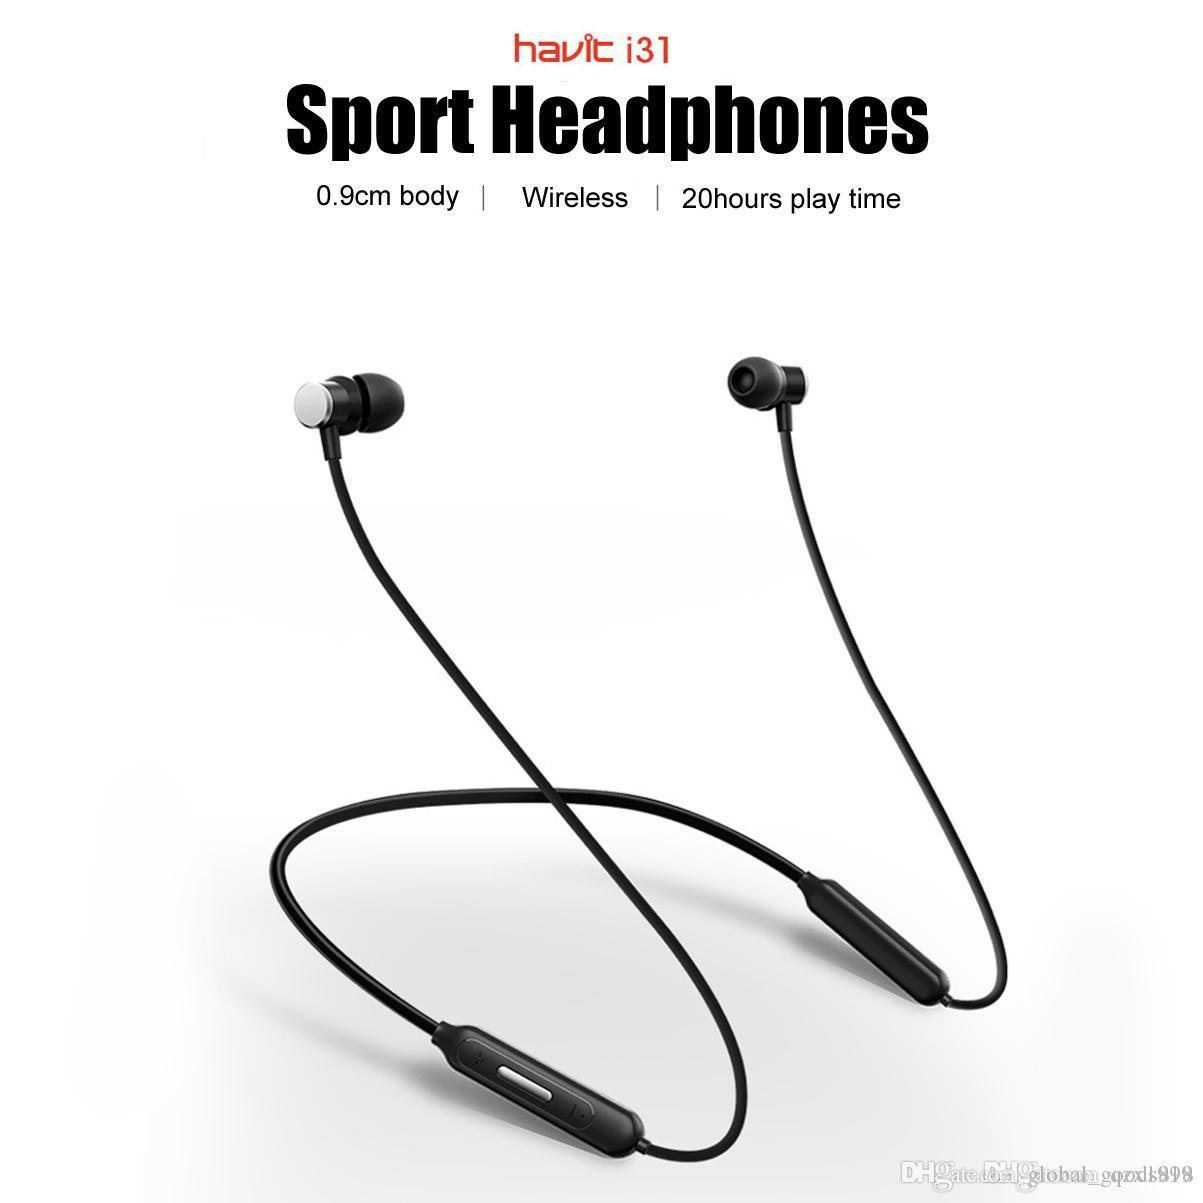 Melhor esporte fones de ouvido bluetooth 20 horas vezes jogar fones de ouvido sem fio magnético bluetooth 4.2 fones de ouvido à prova d 'água para iphone samsung